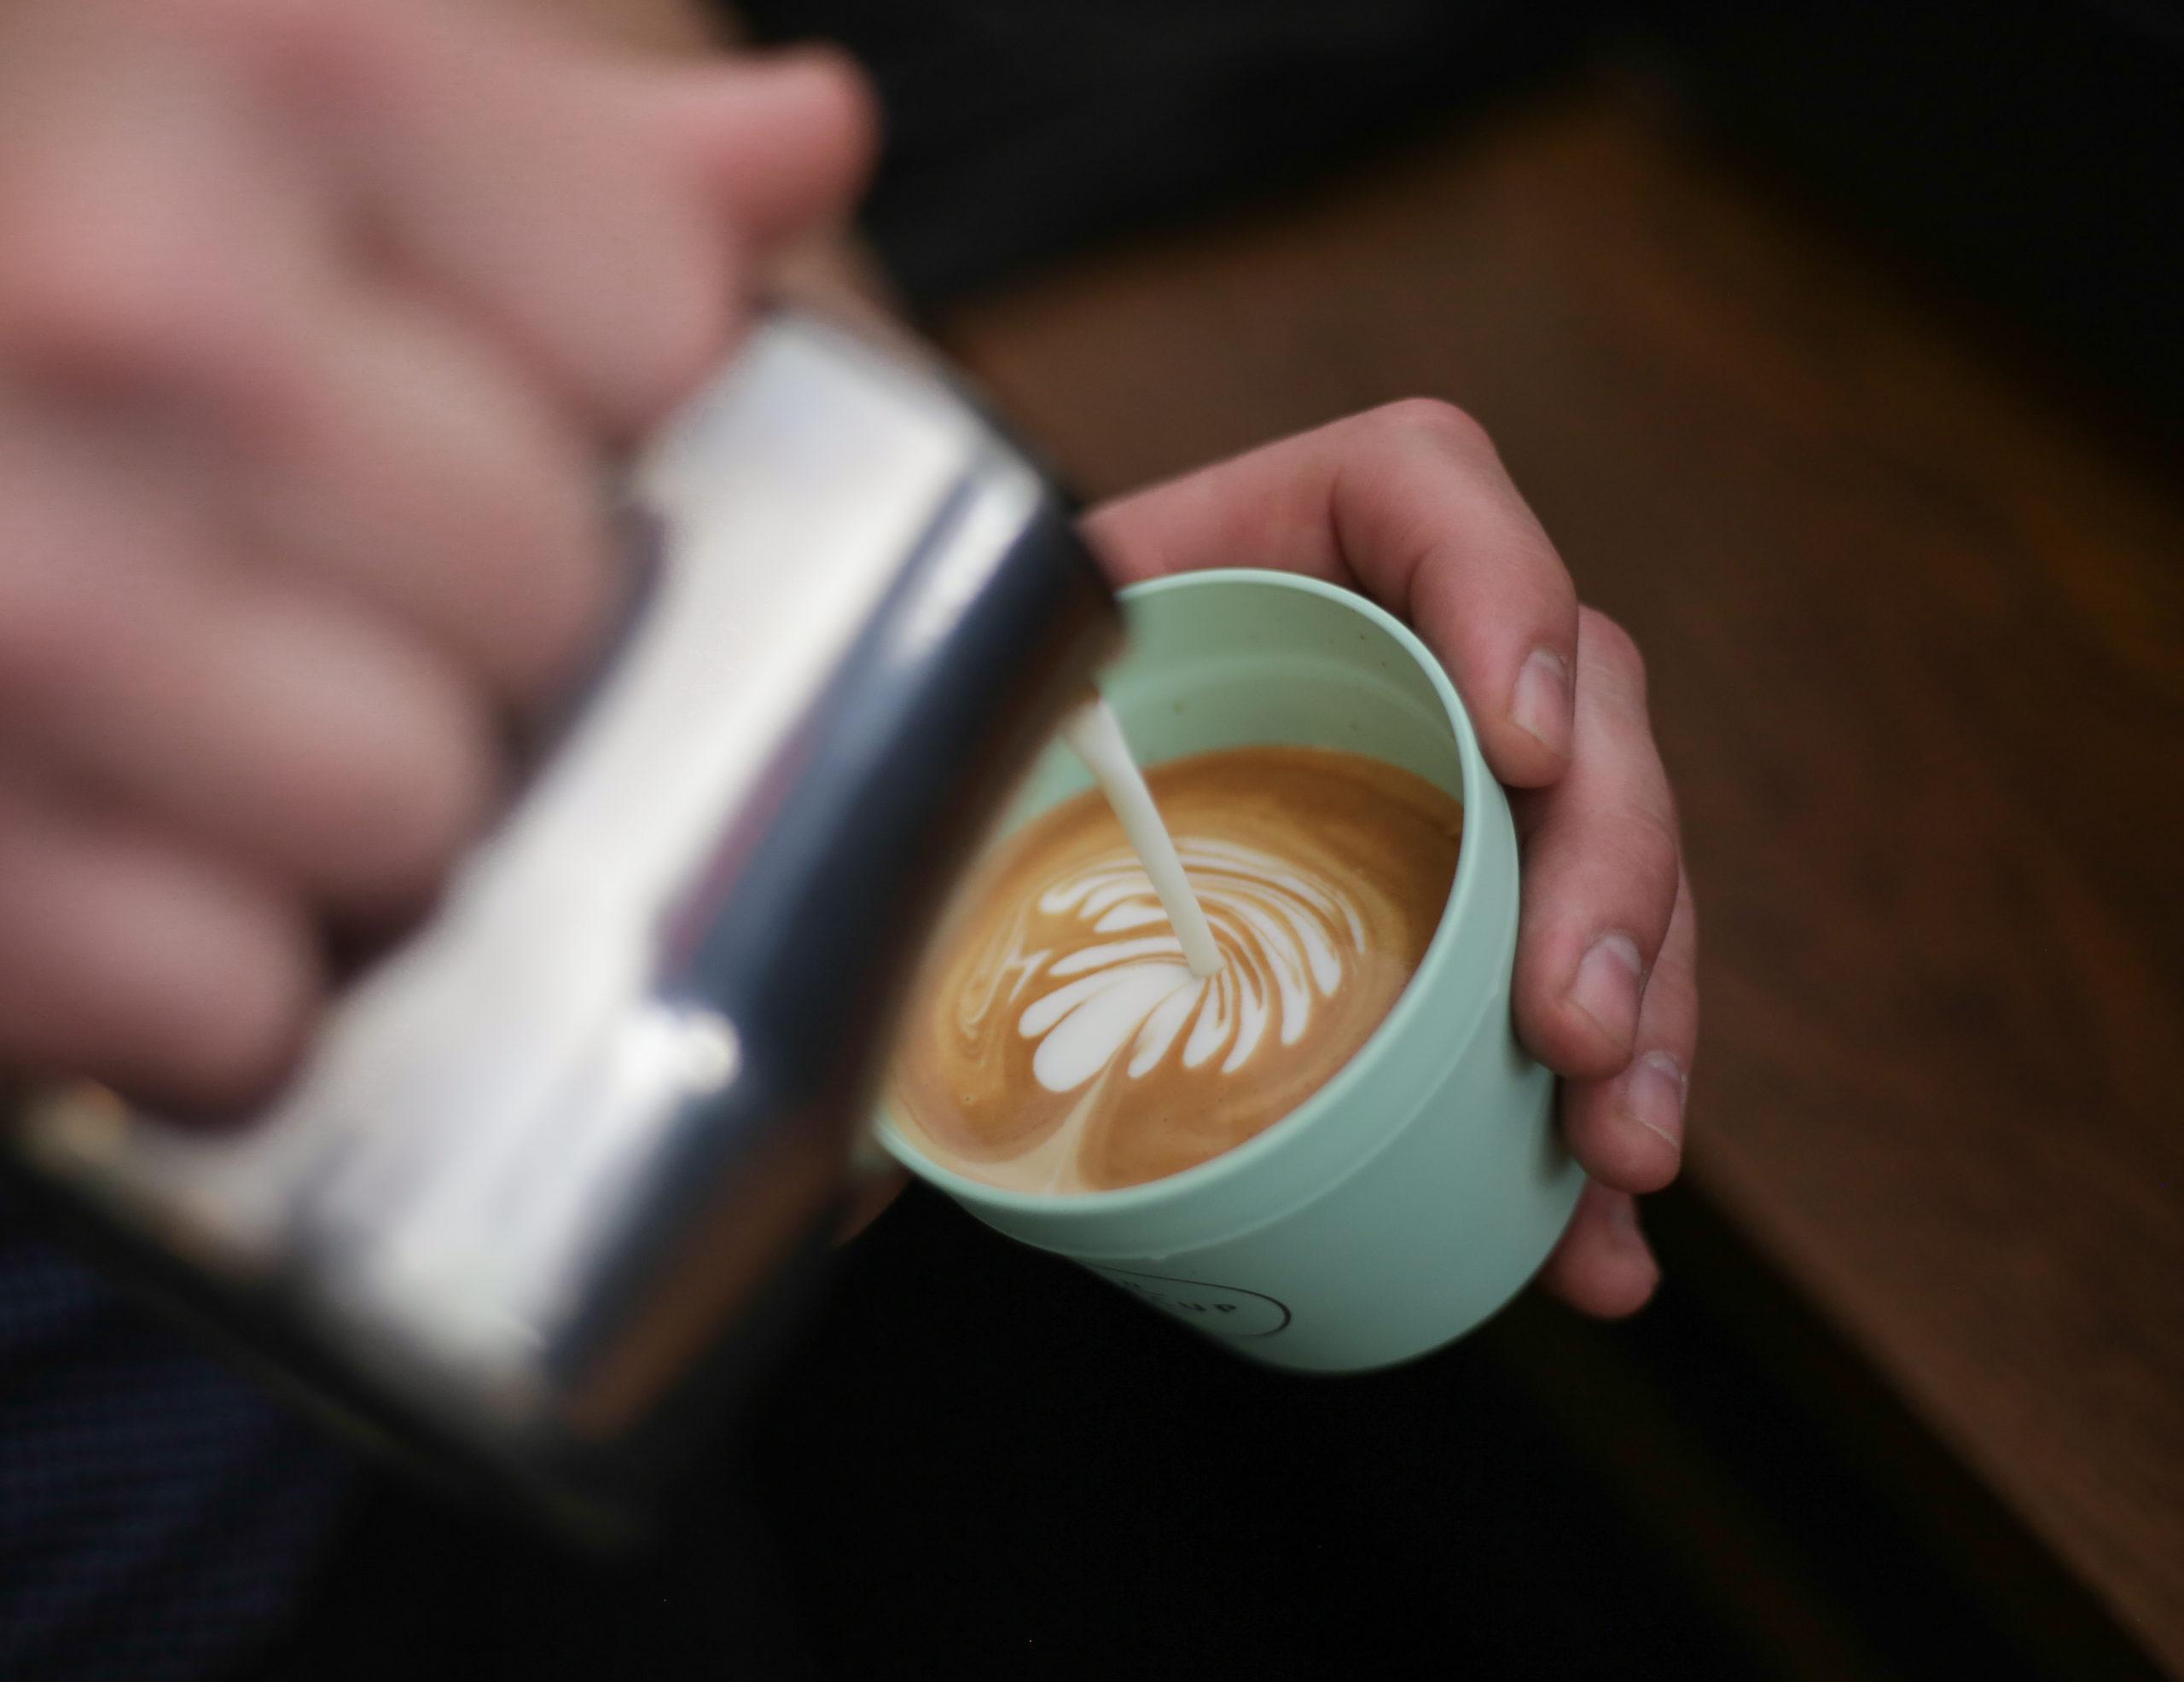 Ein Barista schenkt Kaffee in einen Recup-Becher